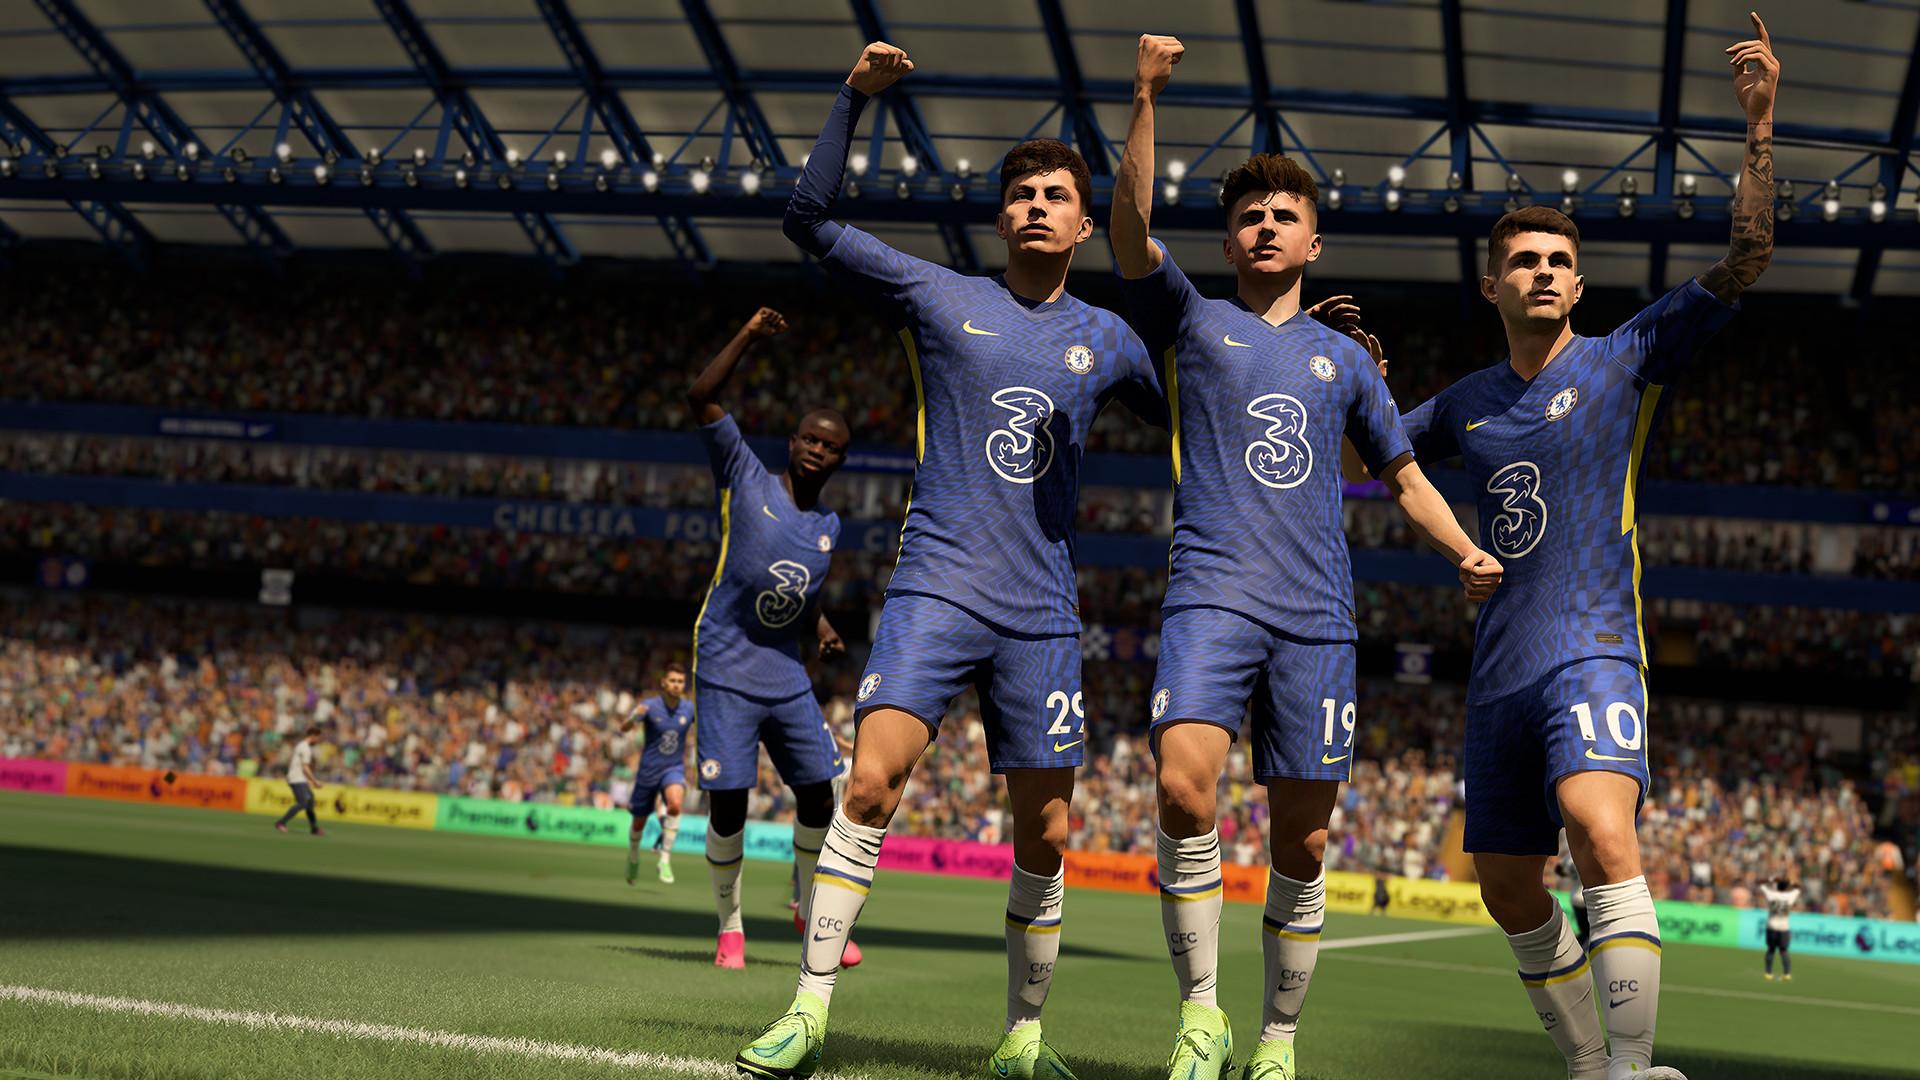 FİFA 2022